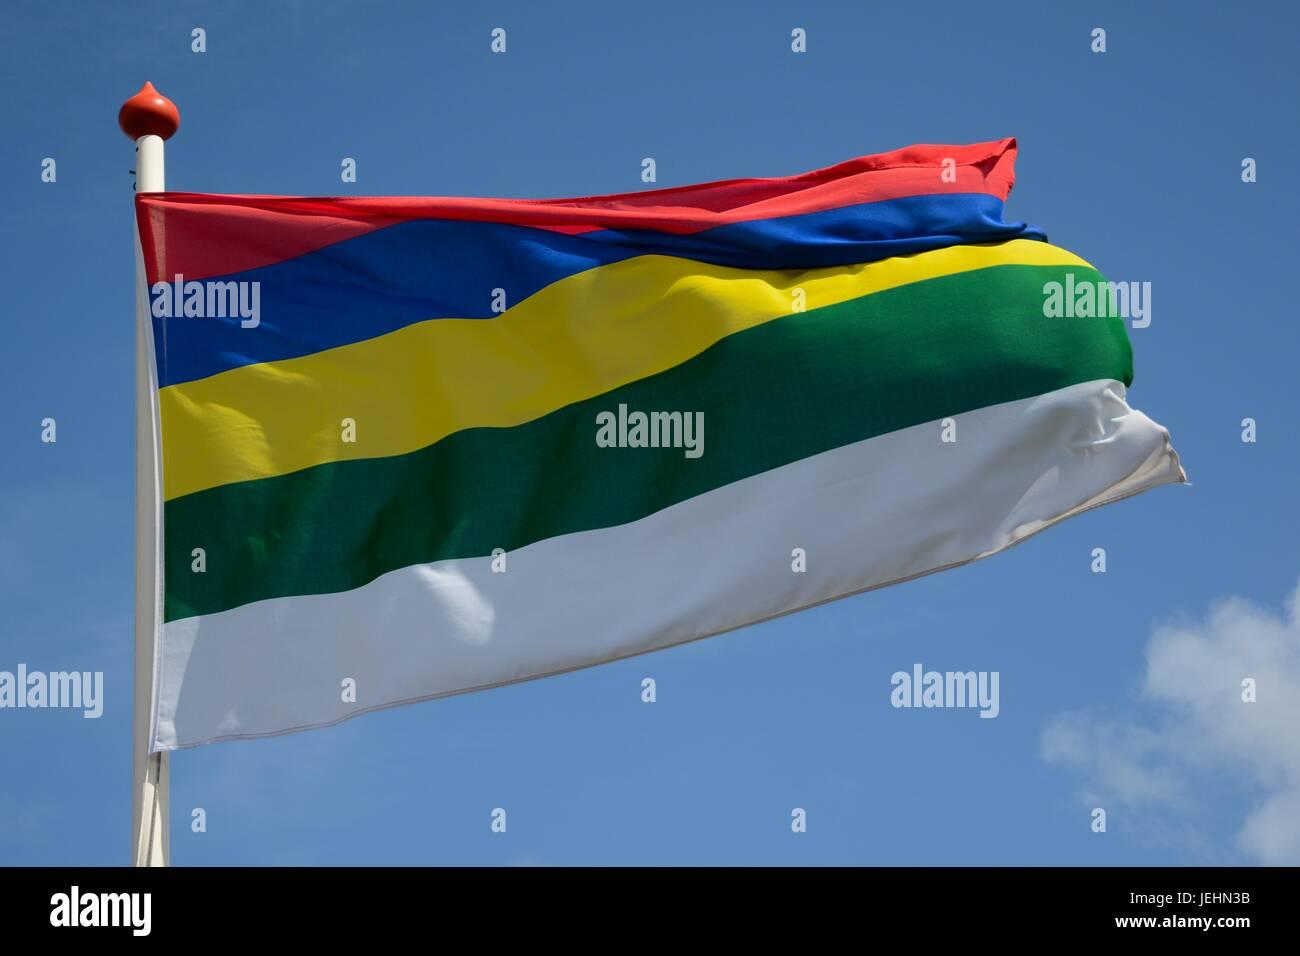 Reade wolken; Blaue lucht; Gele helmen; griên ges; Wyt sân; Dat is 't wapen fan Schylgerlân Stock Photo